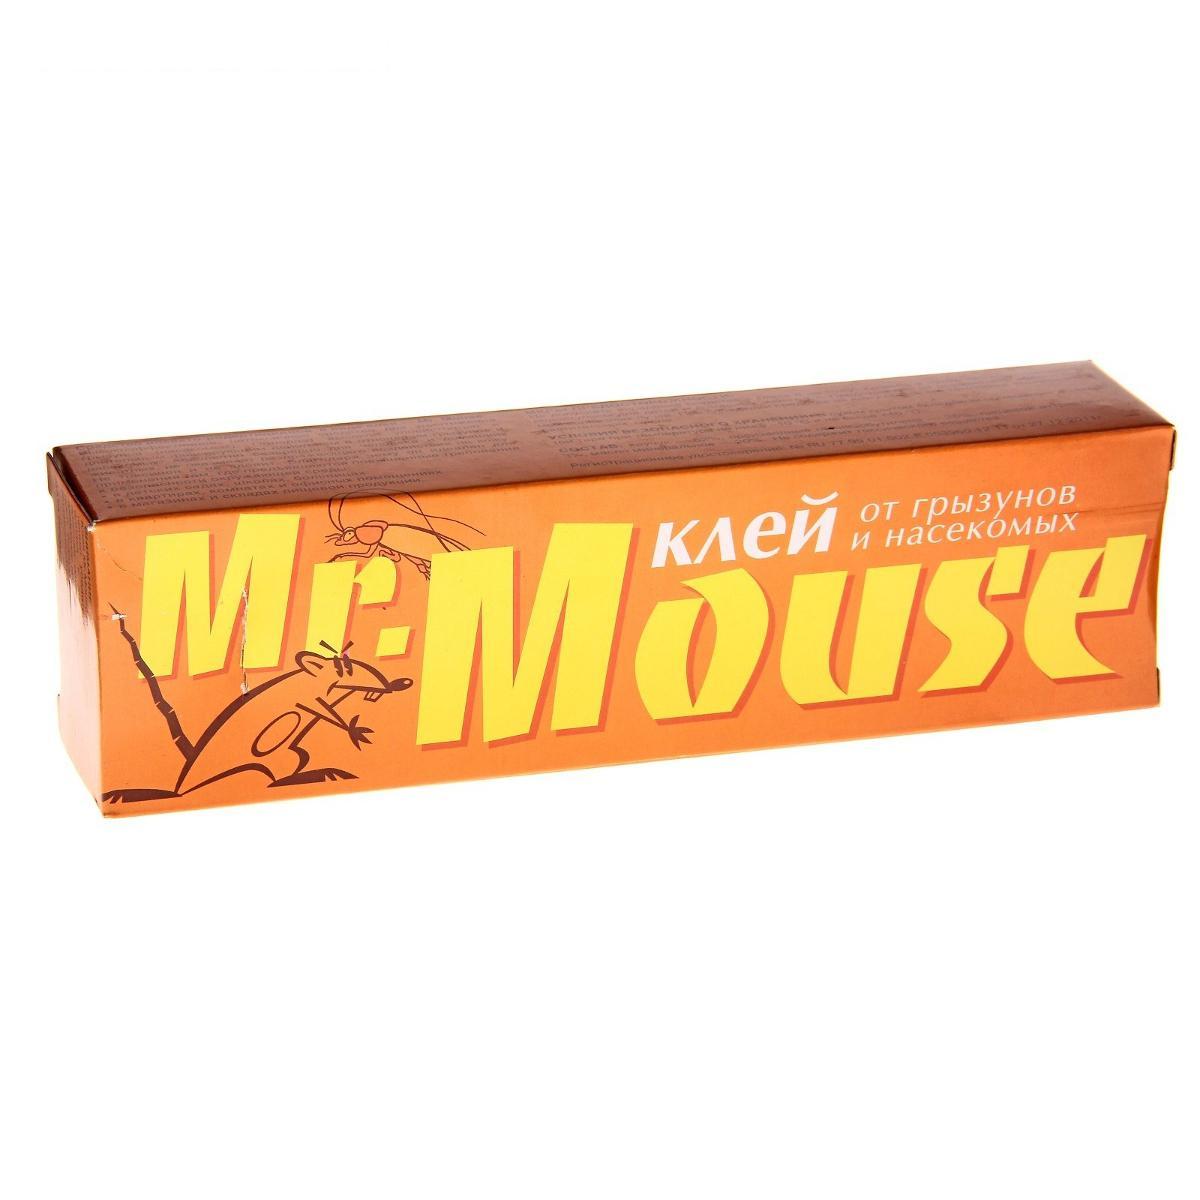 Клей Mr. mouse СЗ.040001 торасемид сз 5мг 60 таблетки